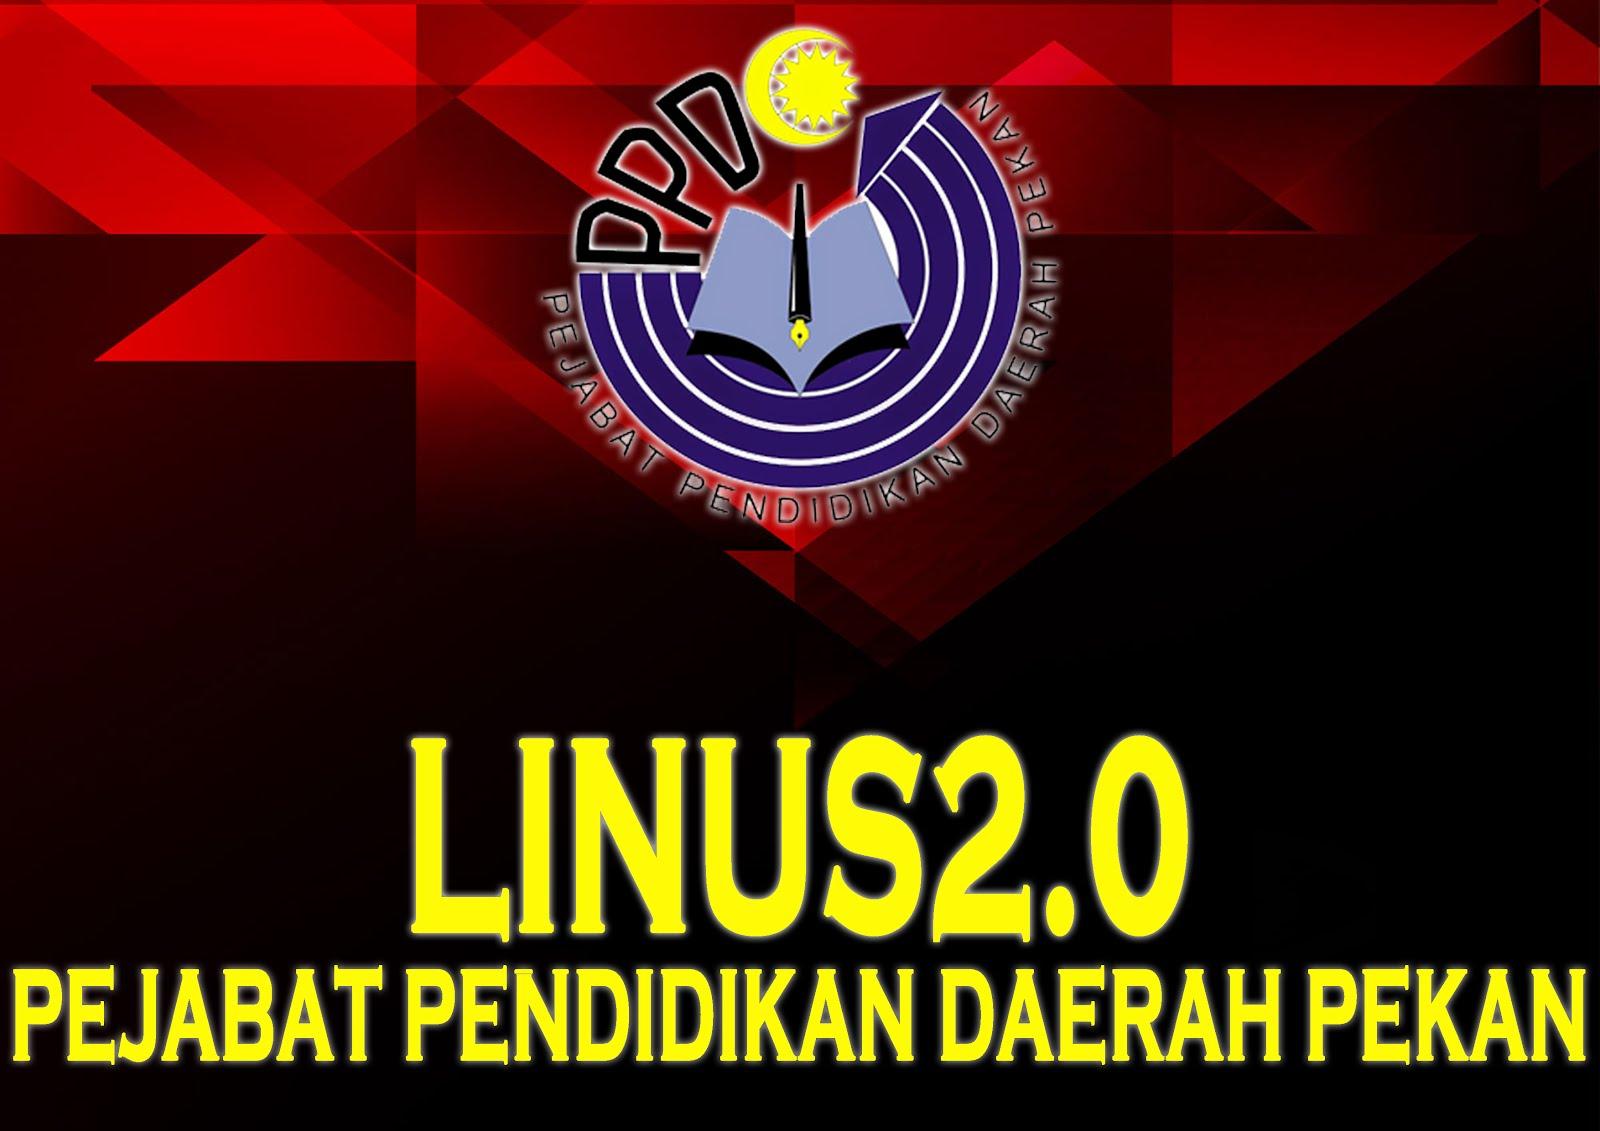 LINUS2.0 PEJABAT PENDIDIKAN DAERAH PEKAN